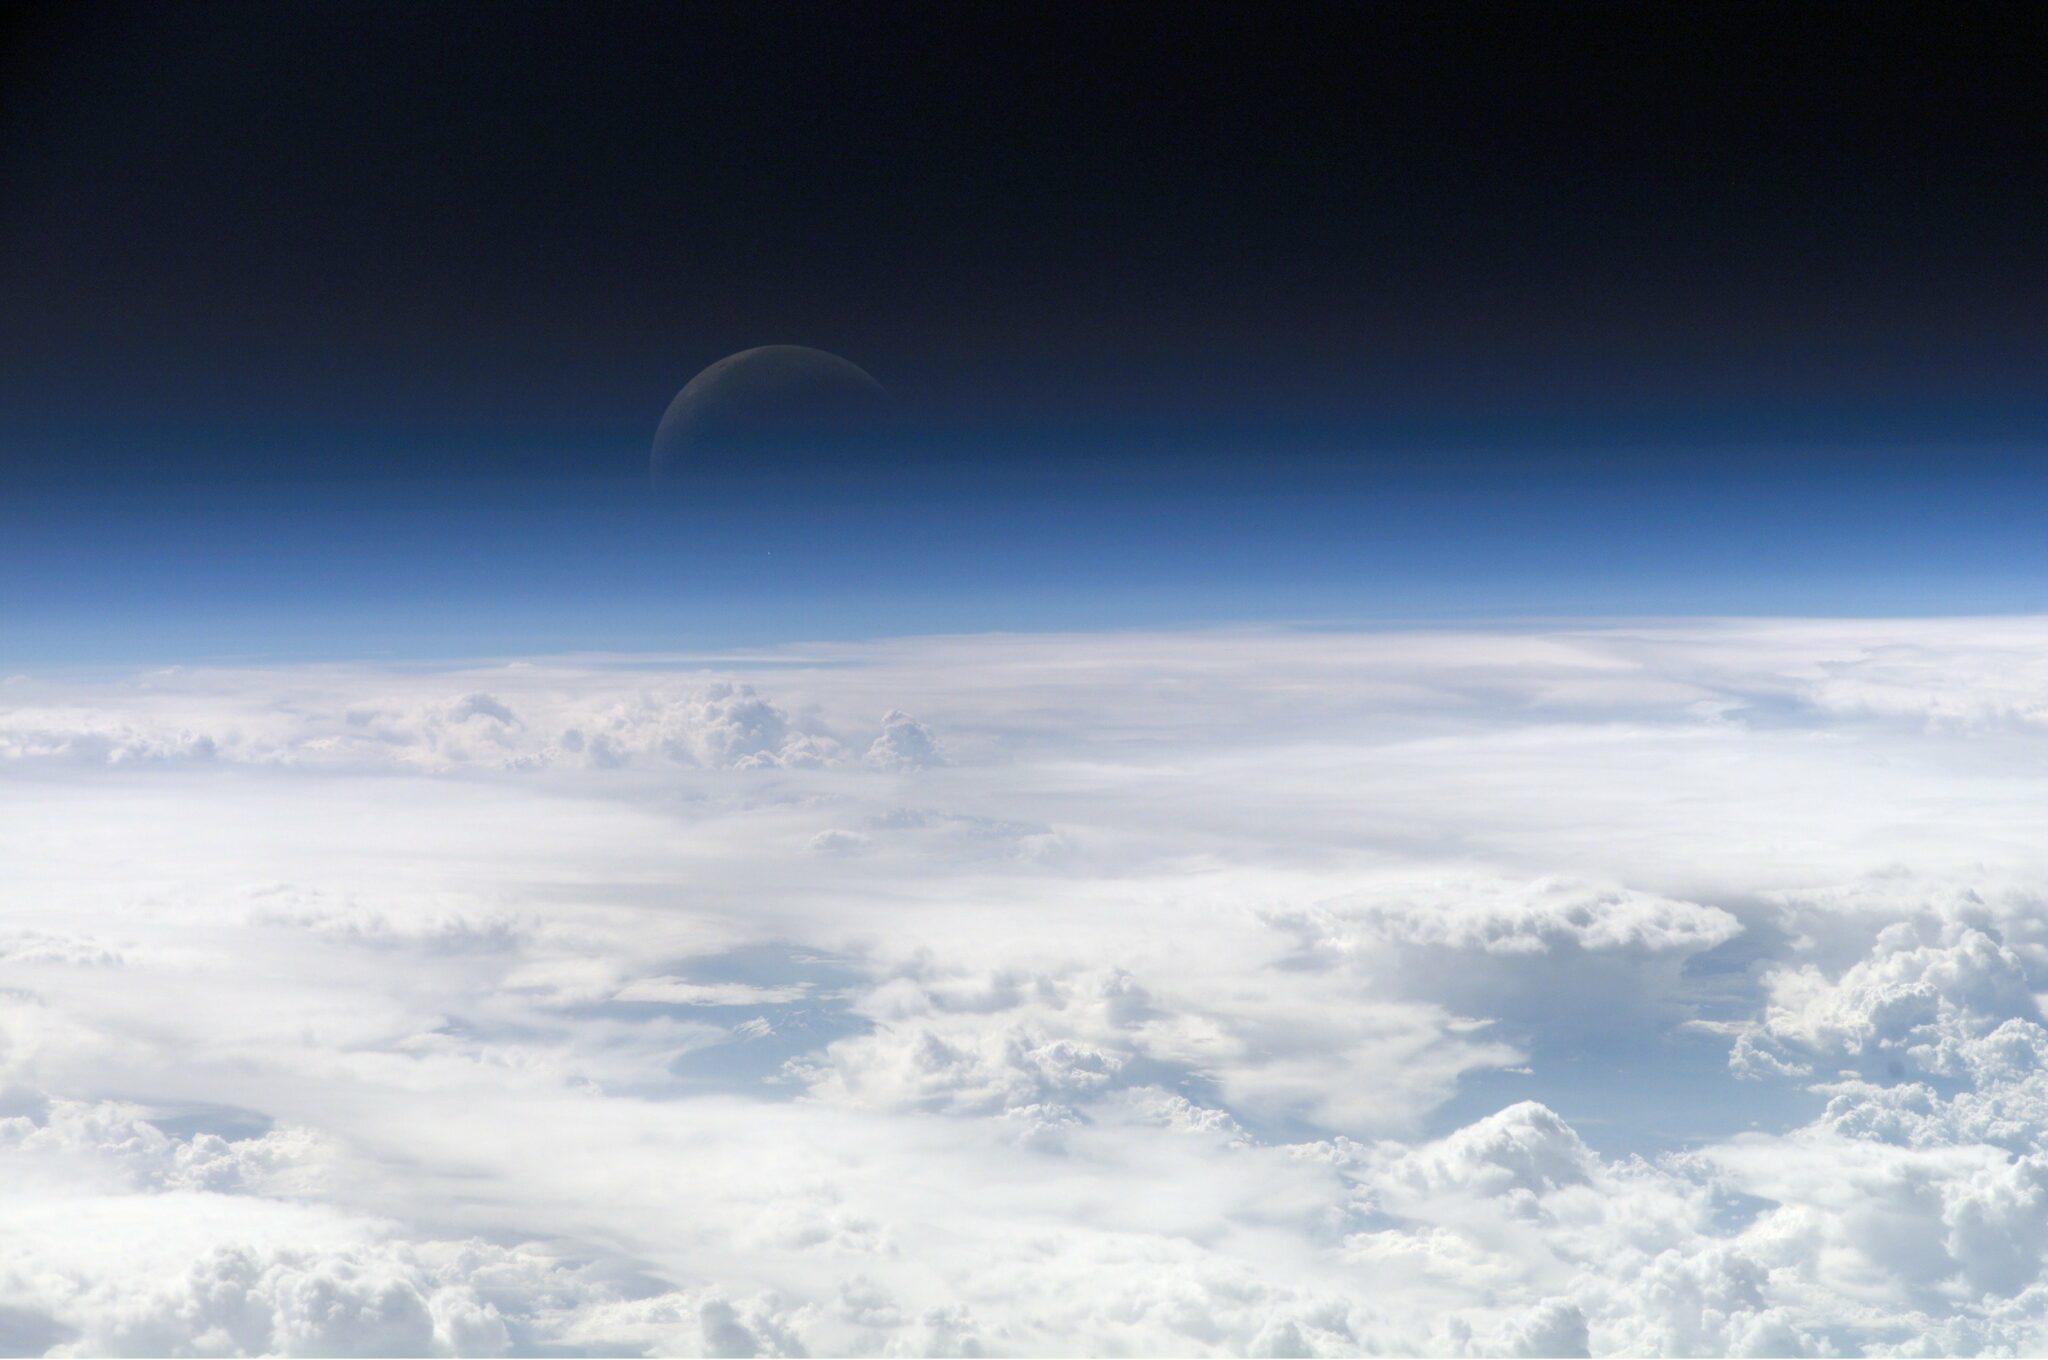 Die oberen Schichten der Erdatmosphäre, gesehen von der Internationalen Raumstation (ISS) während der ISS-Expedition.